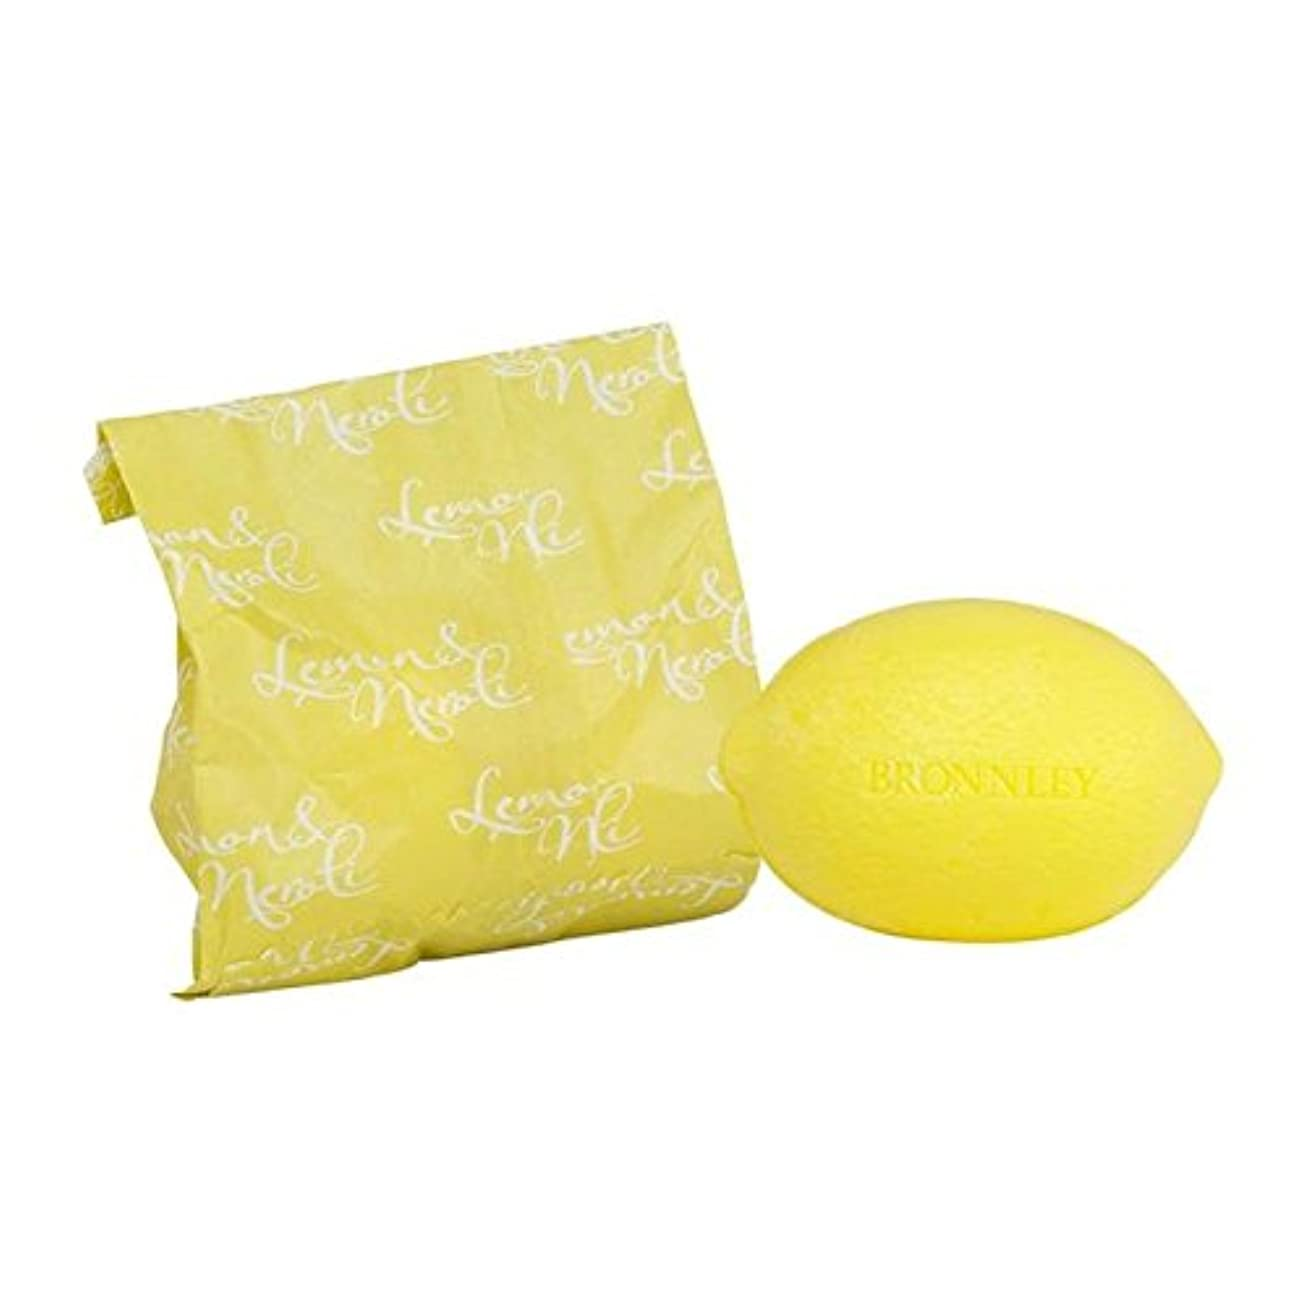 縁血色の良い機構レモン&ネロリ石鹸100グラム x2 - Bronnley Lemon & Neroli Soap 100g (Pack of 2) [並行輸入品]